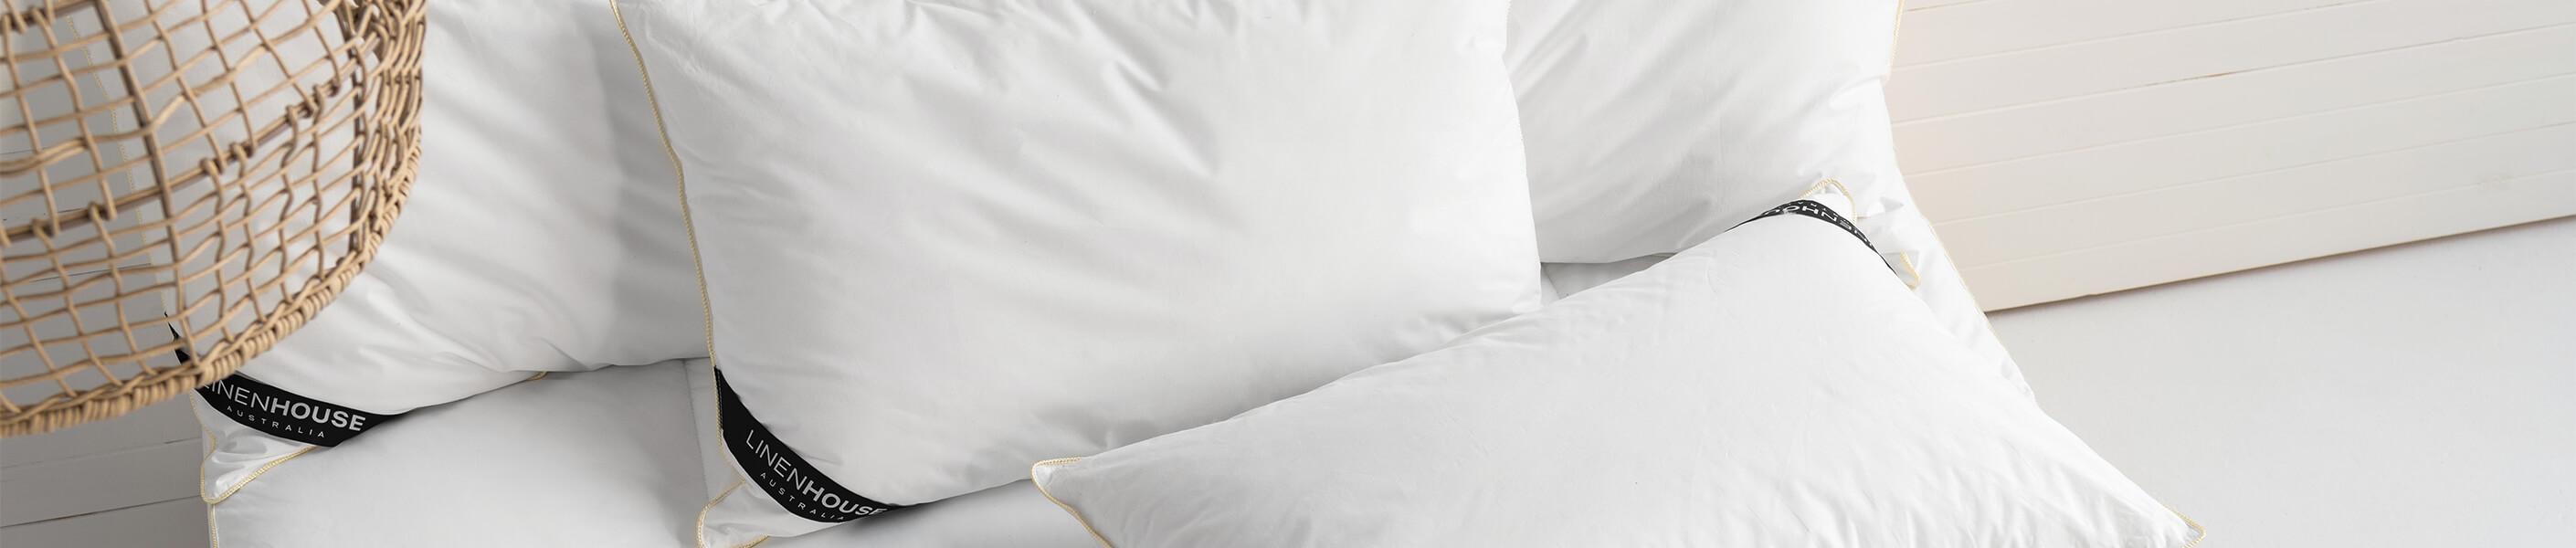 Bedwraps & Valances